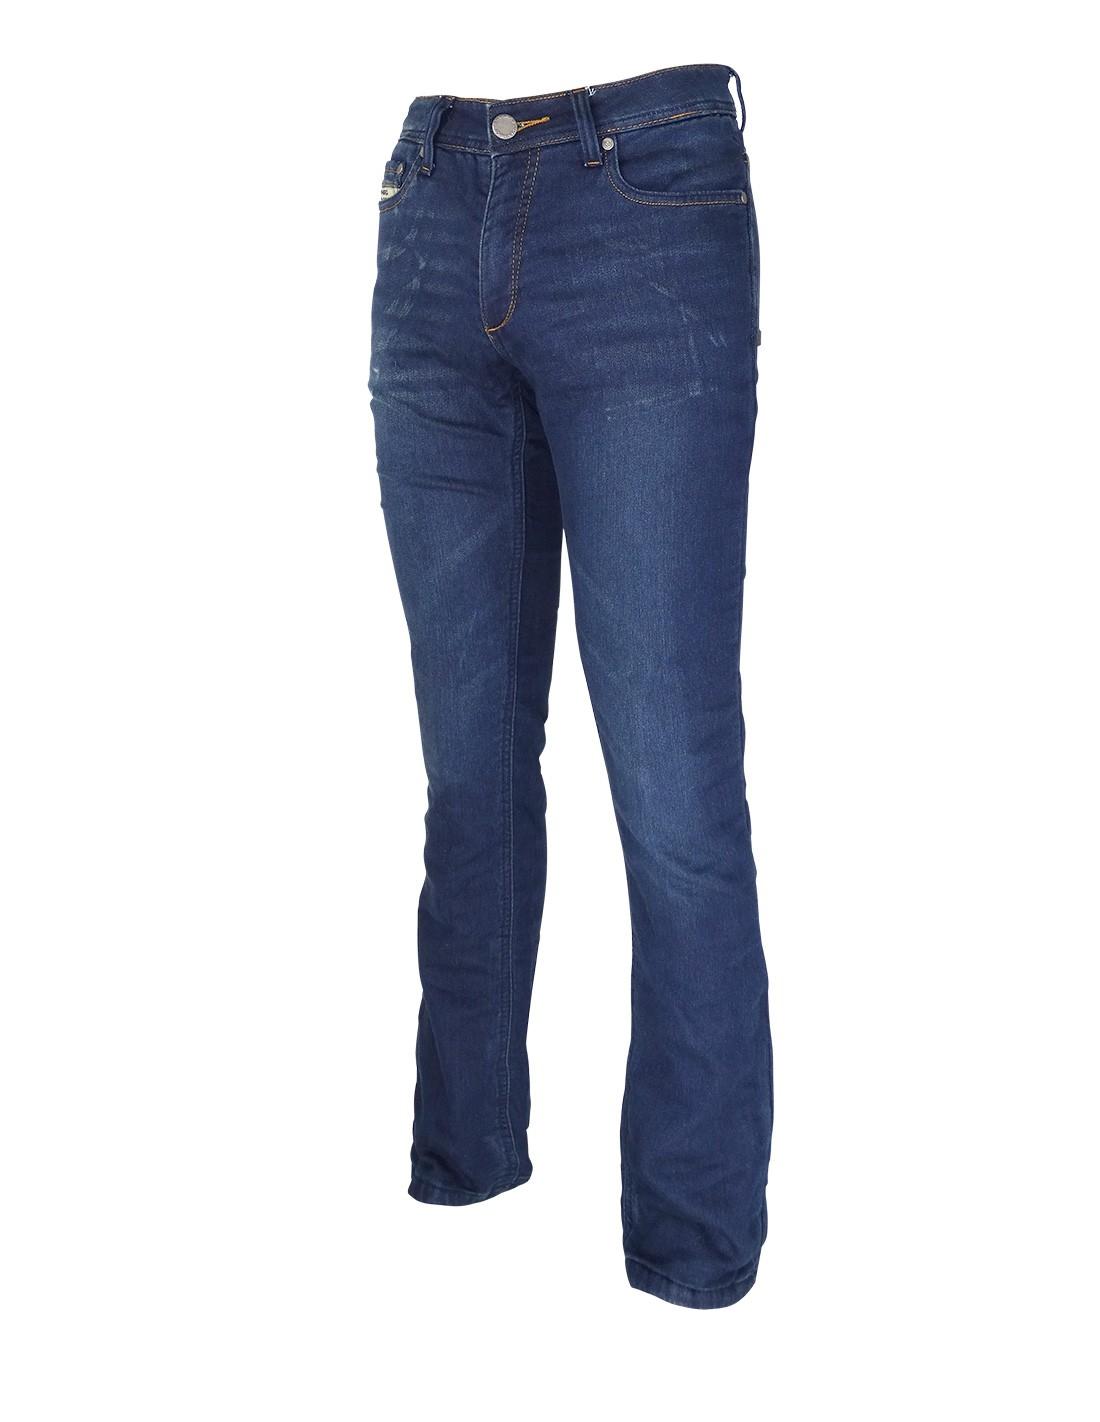 Pantalon Tejano De Moto Con Kevlar Para Hombre On Board Base Azul